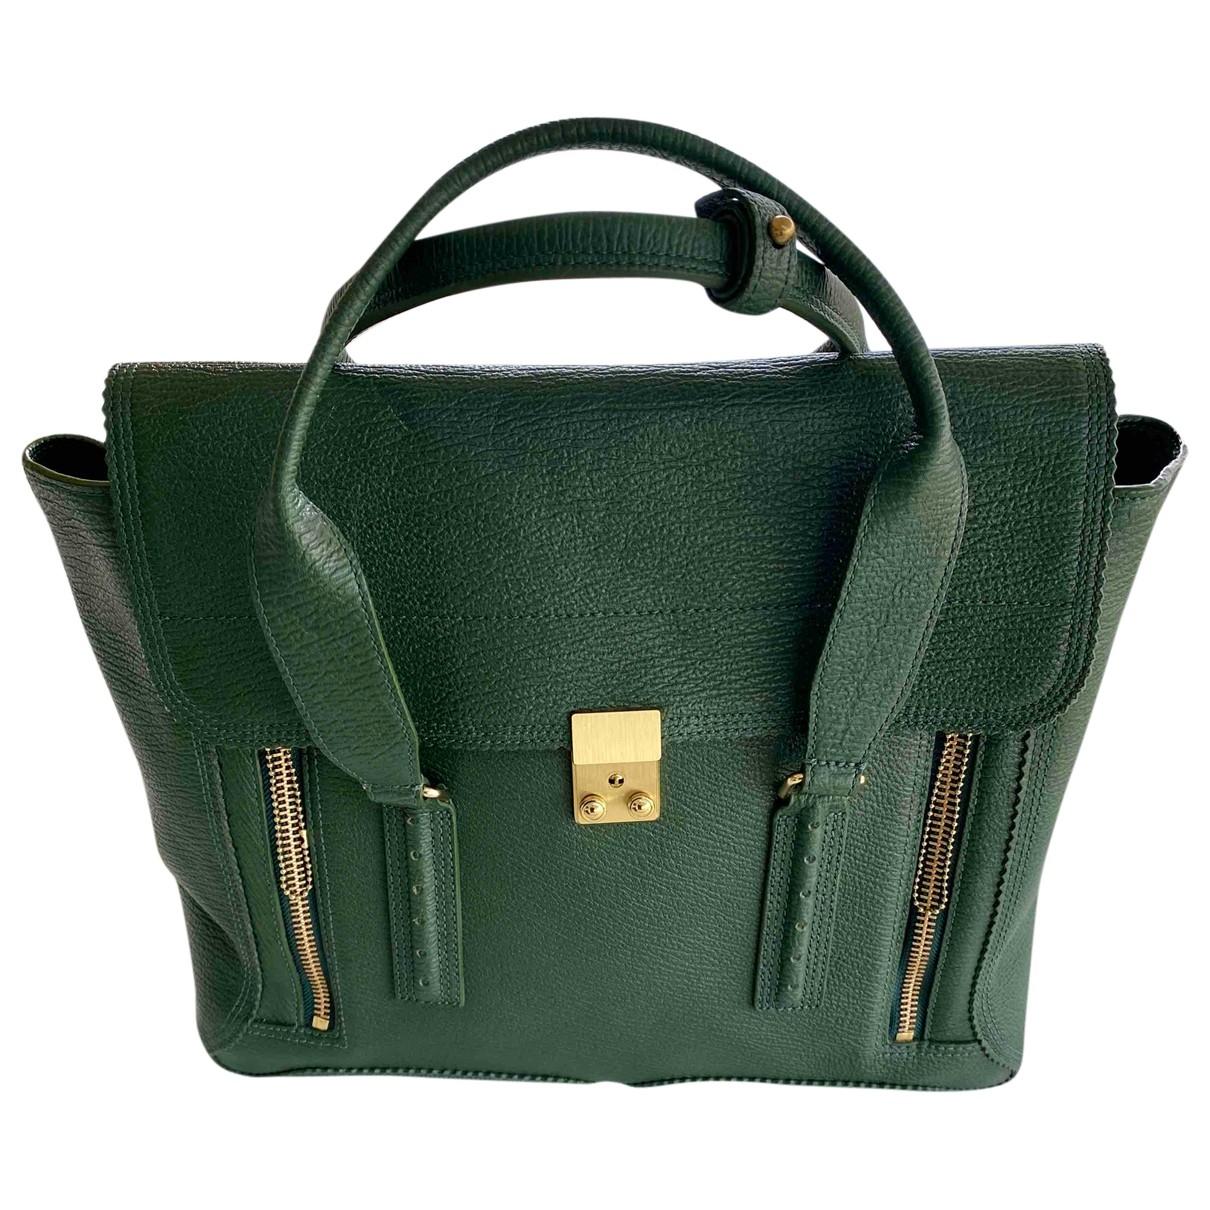 3.1 Phillip Lim Pashli Handtasche in  Gruen Leder